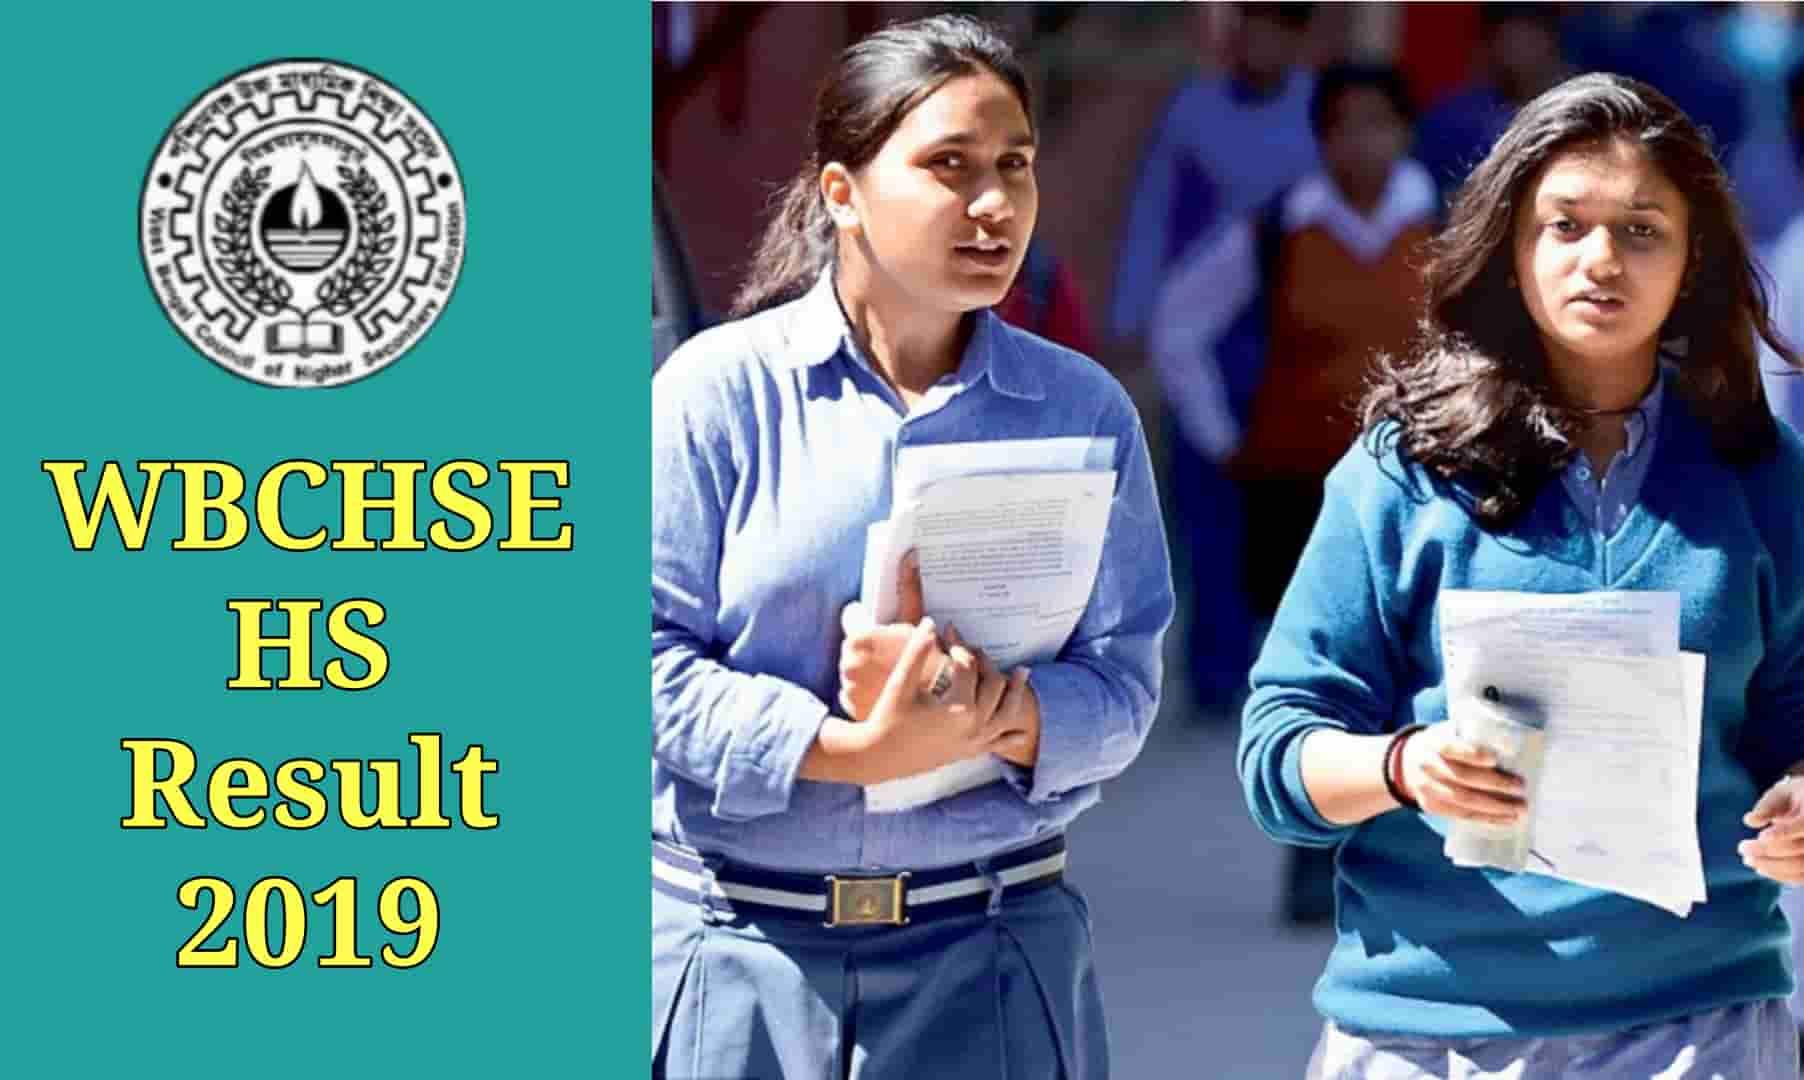 WBCHSE HS Result 2019 online